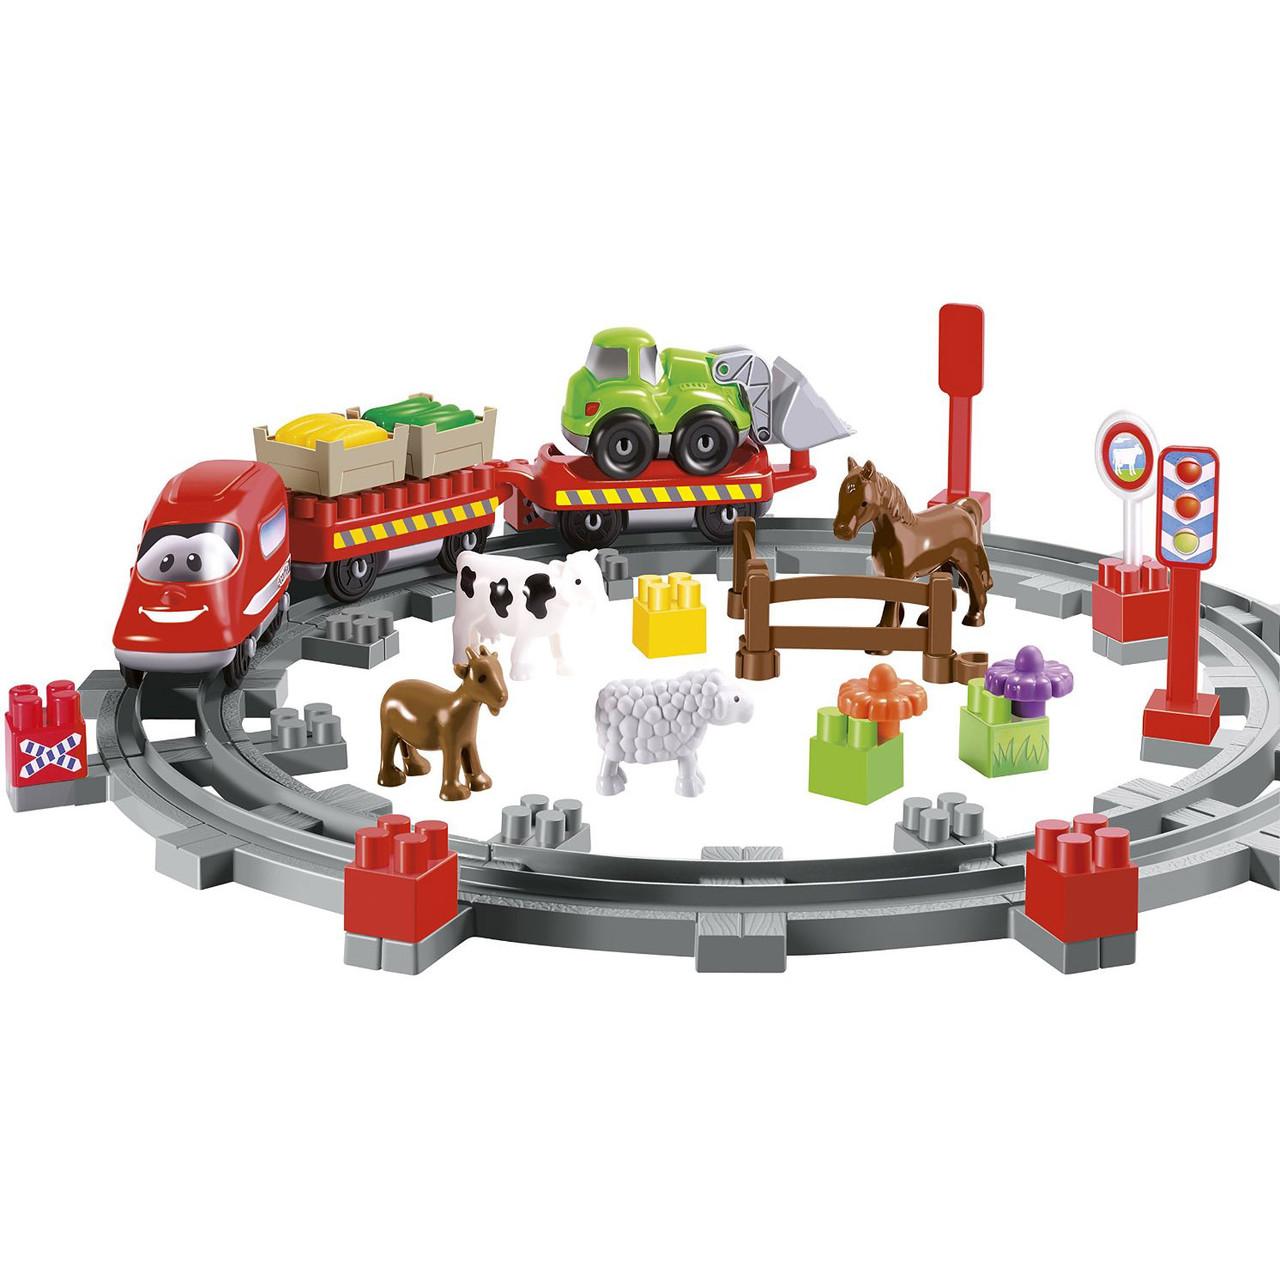 Конструктор «Ecoiffier» (003068) Сельская железная дорога